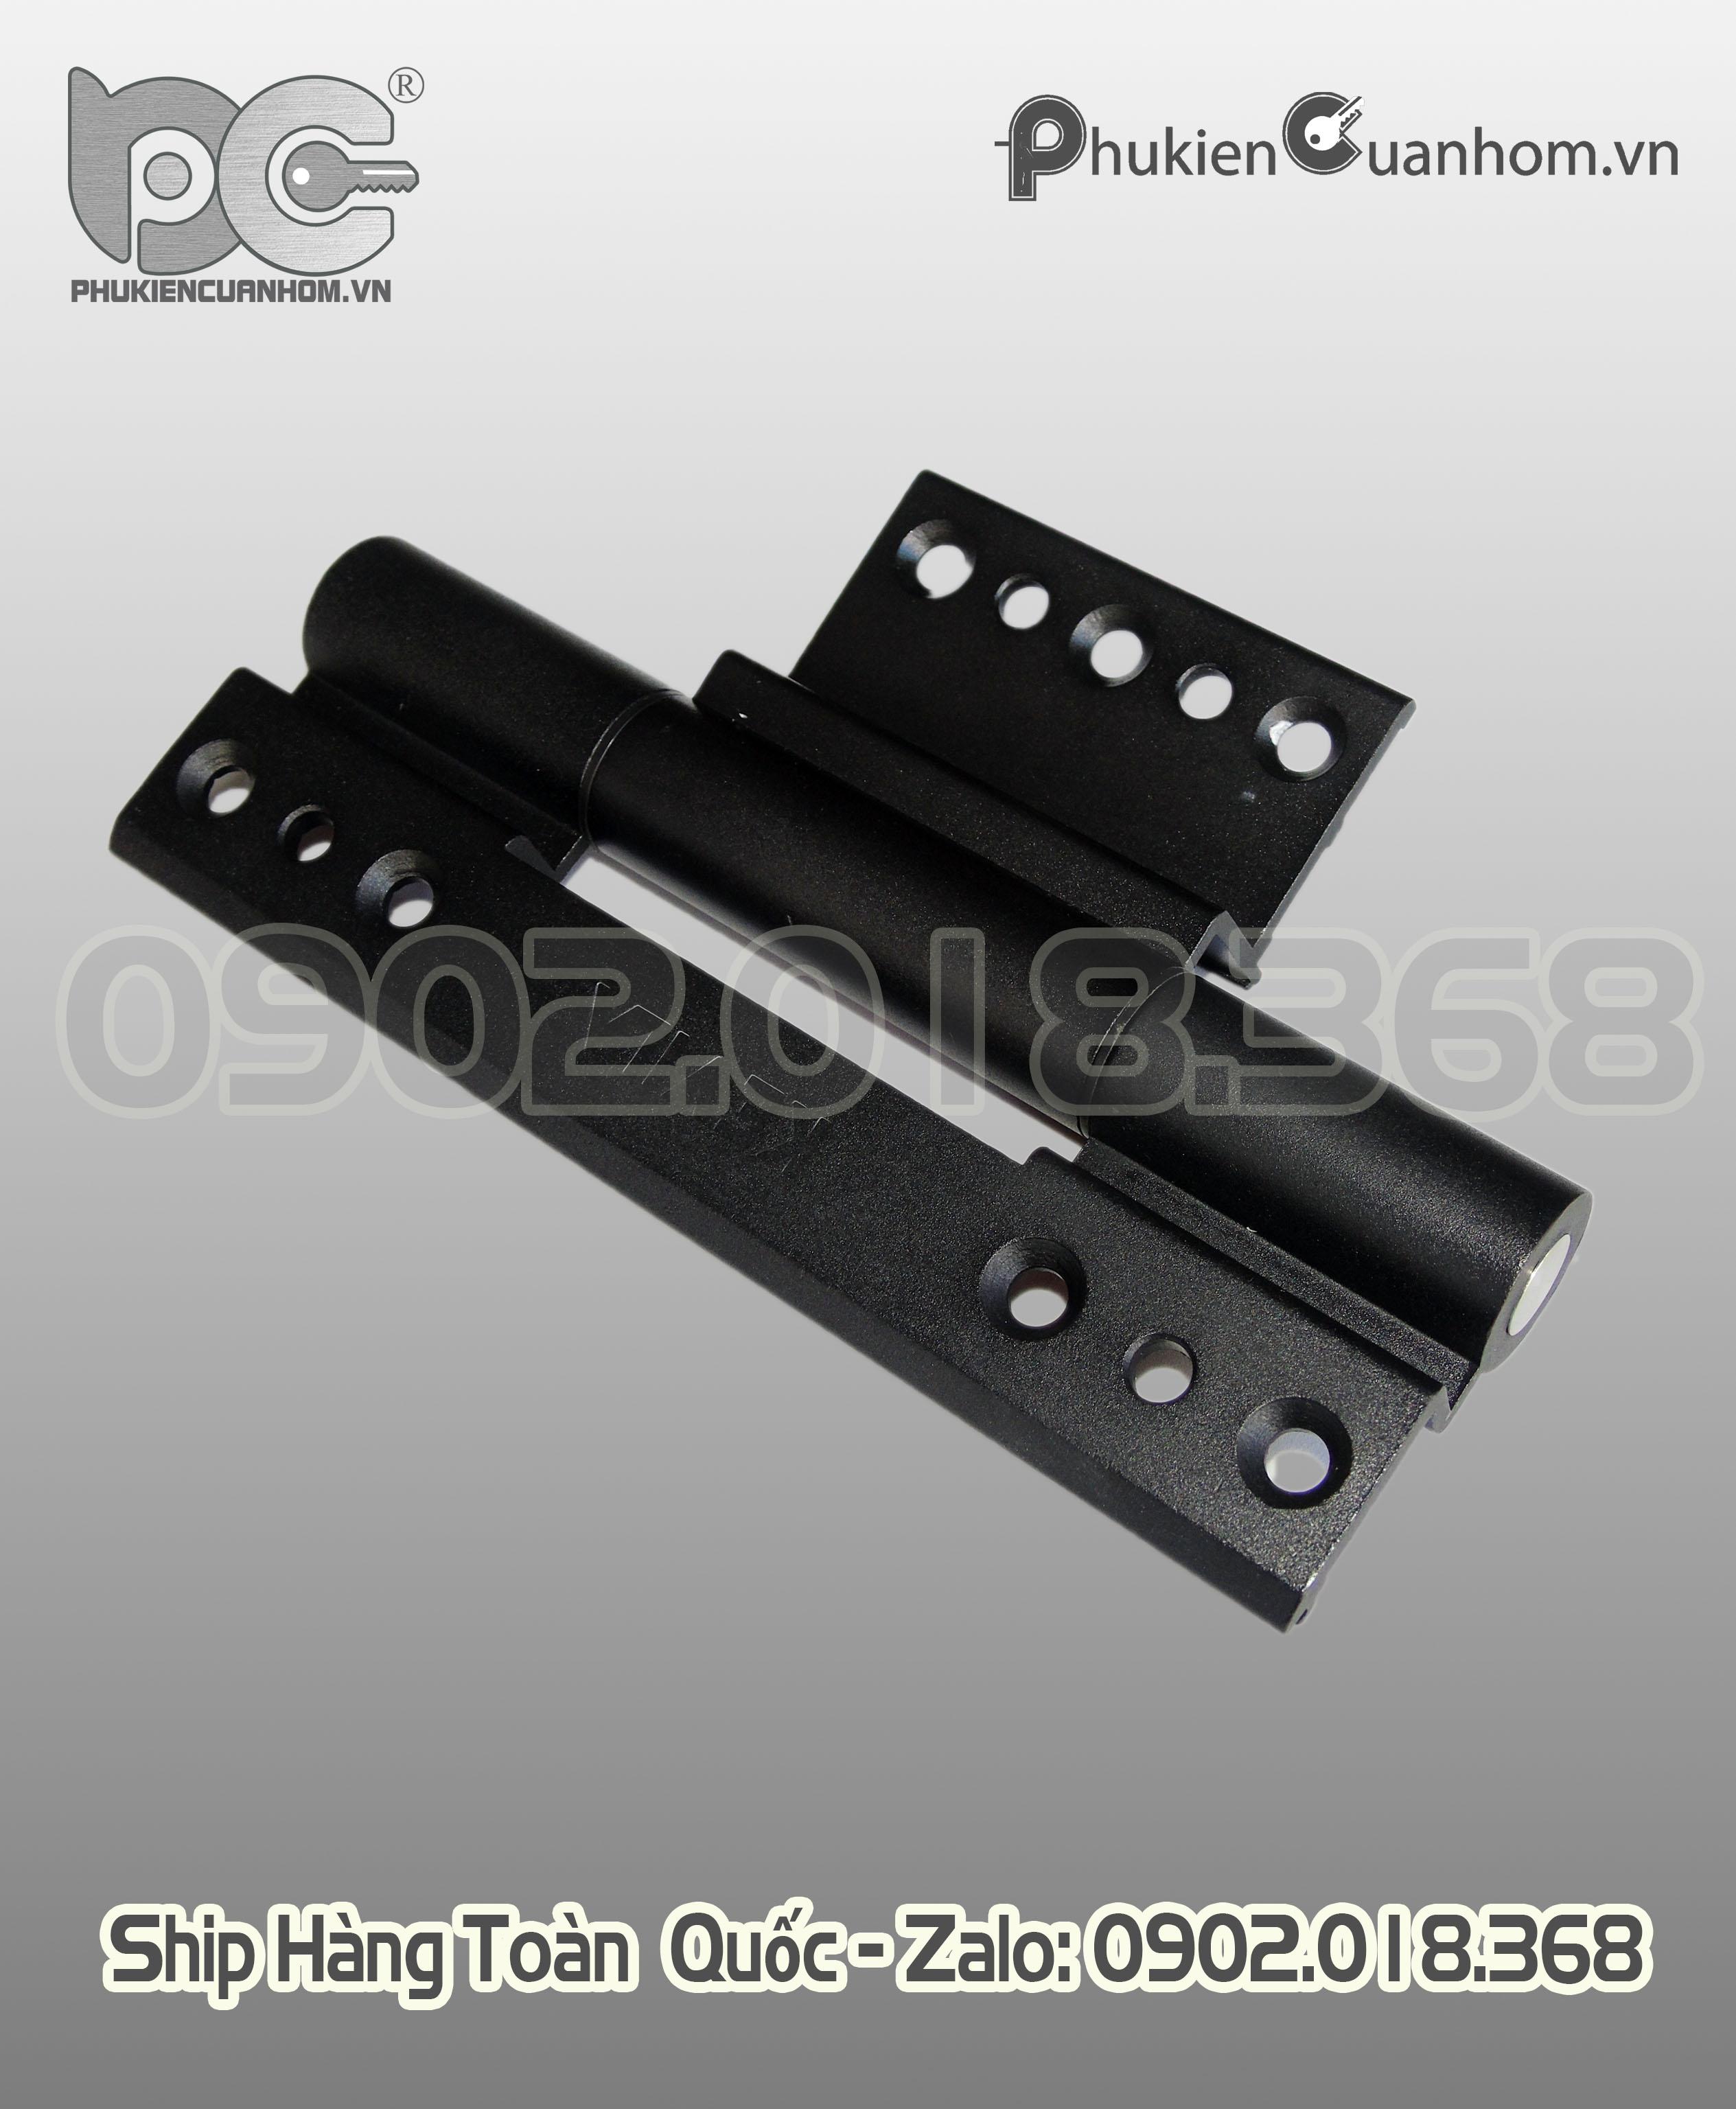 Bản lề 4D siêu cứng dài 200mm hiệu Kevila dùng cho nhôm Xingfa 55